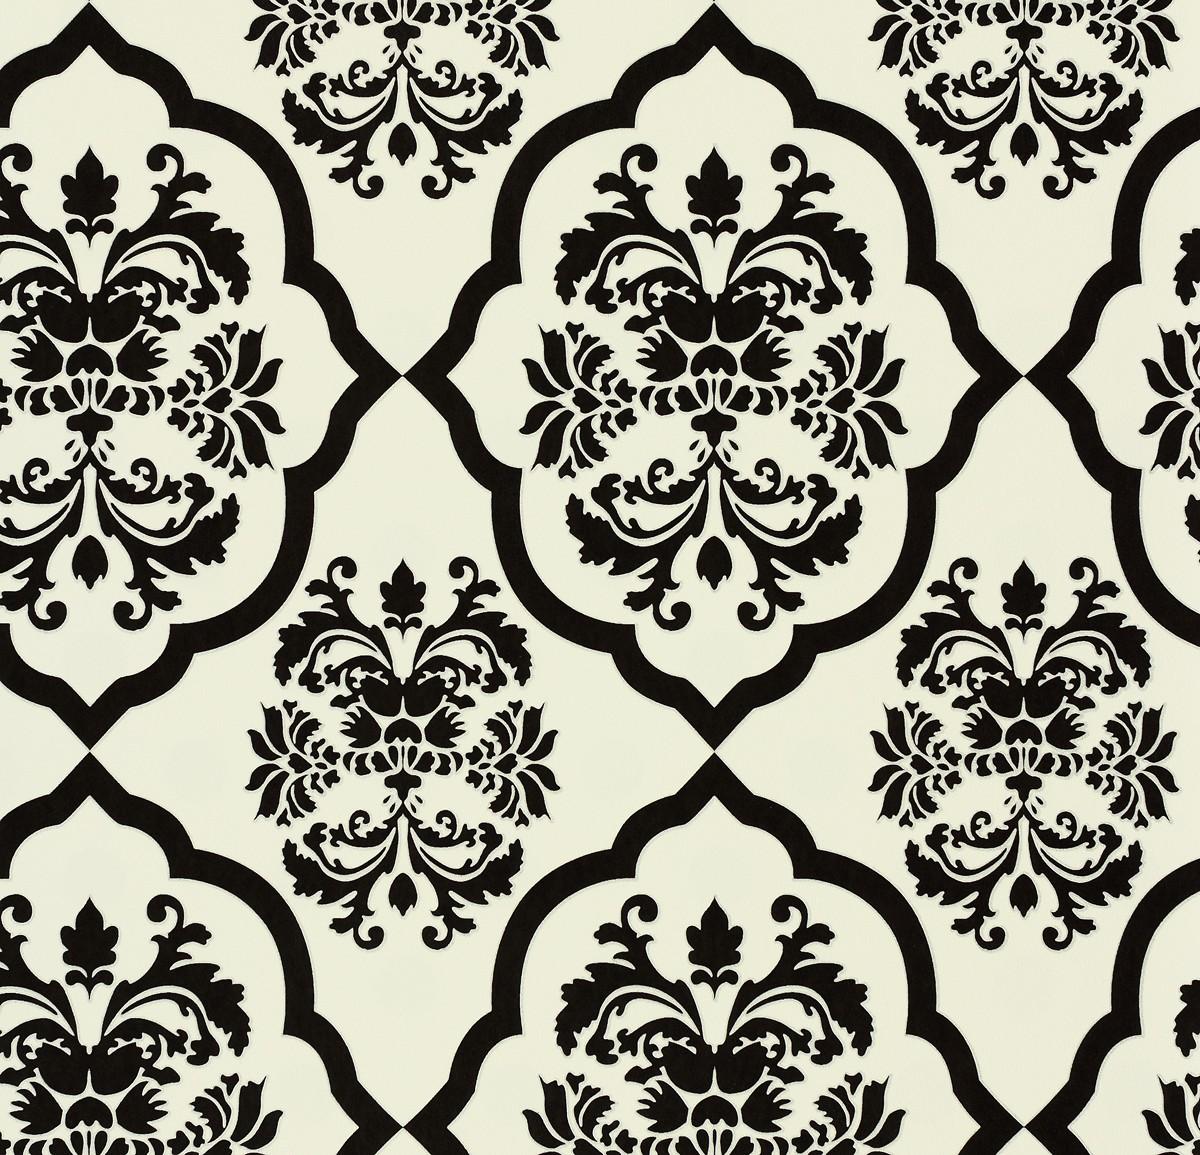 vliestapete naf naf a s cr ation tapete 95224 1 952241. Black Bedroom Furniture Sets. Home Design Ideas